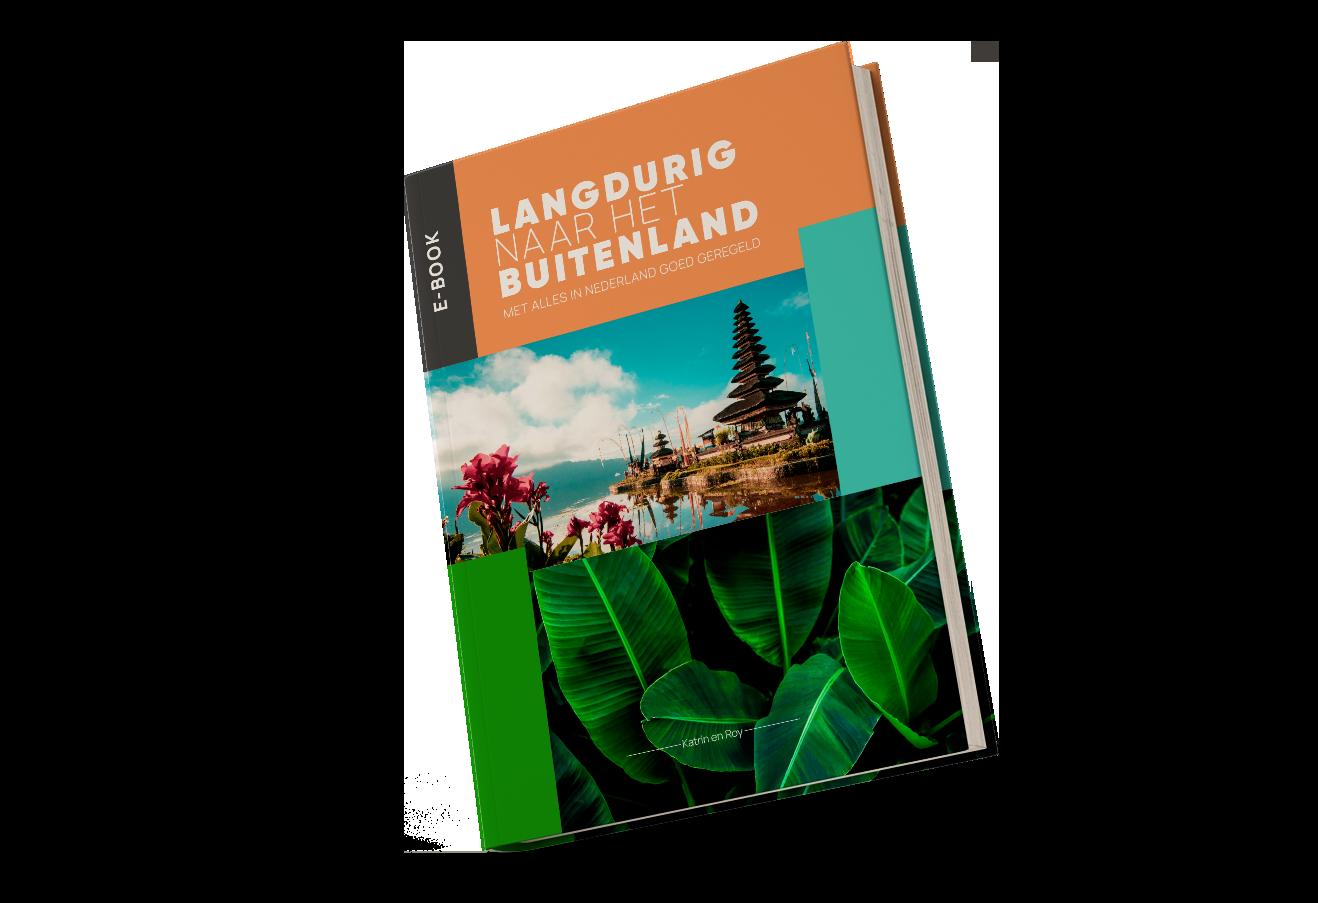 Cover-e-book-Langdurig-naar-het-buitenland-met-alles-in-Nederland-goed-geregeld